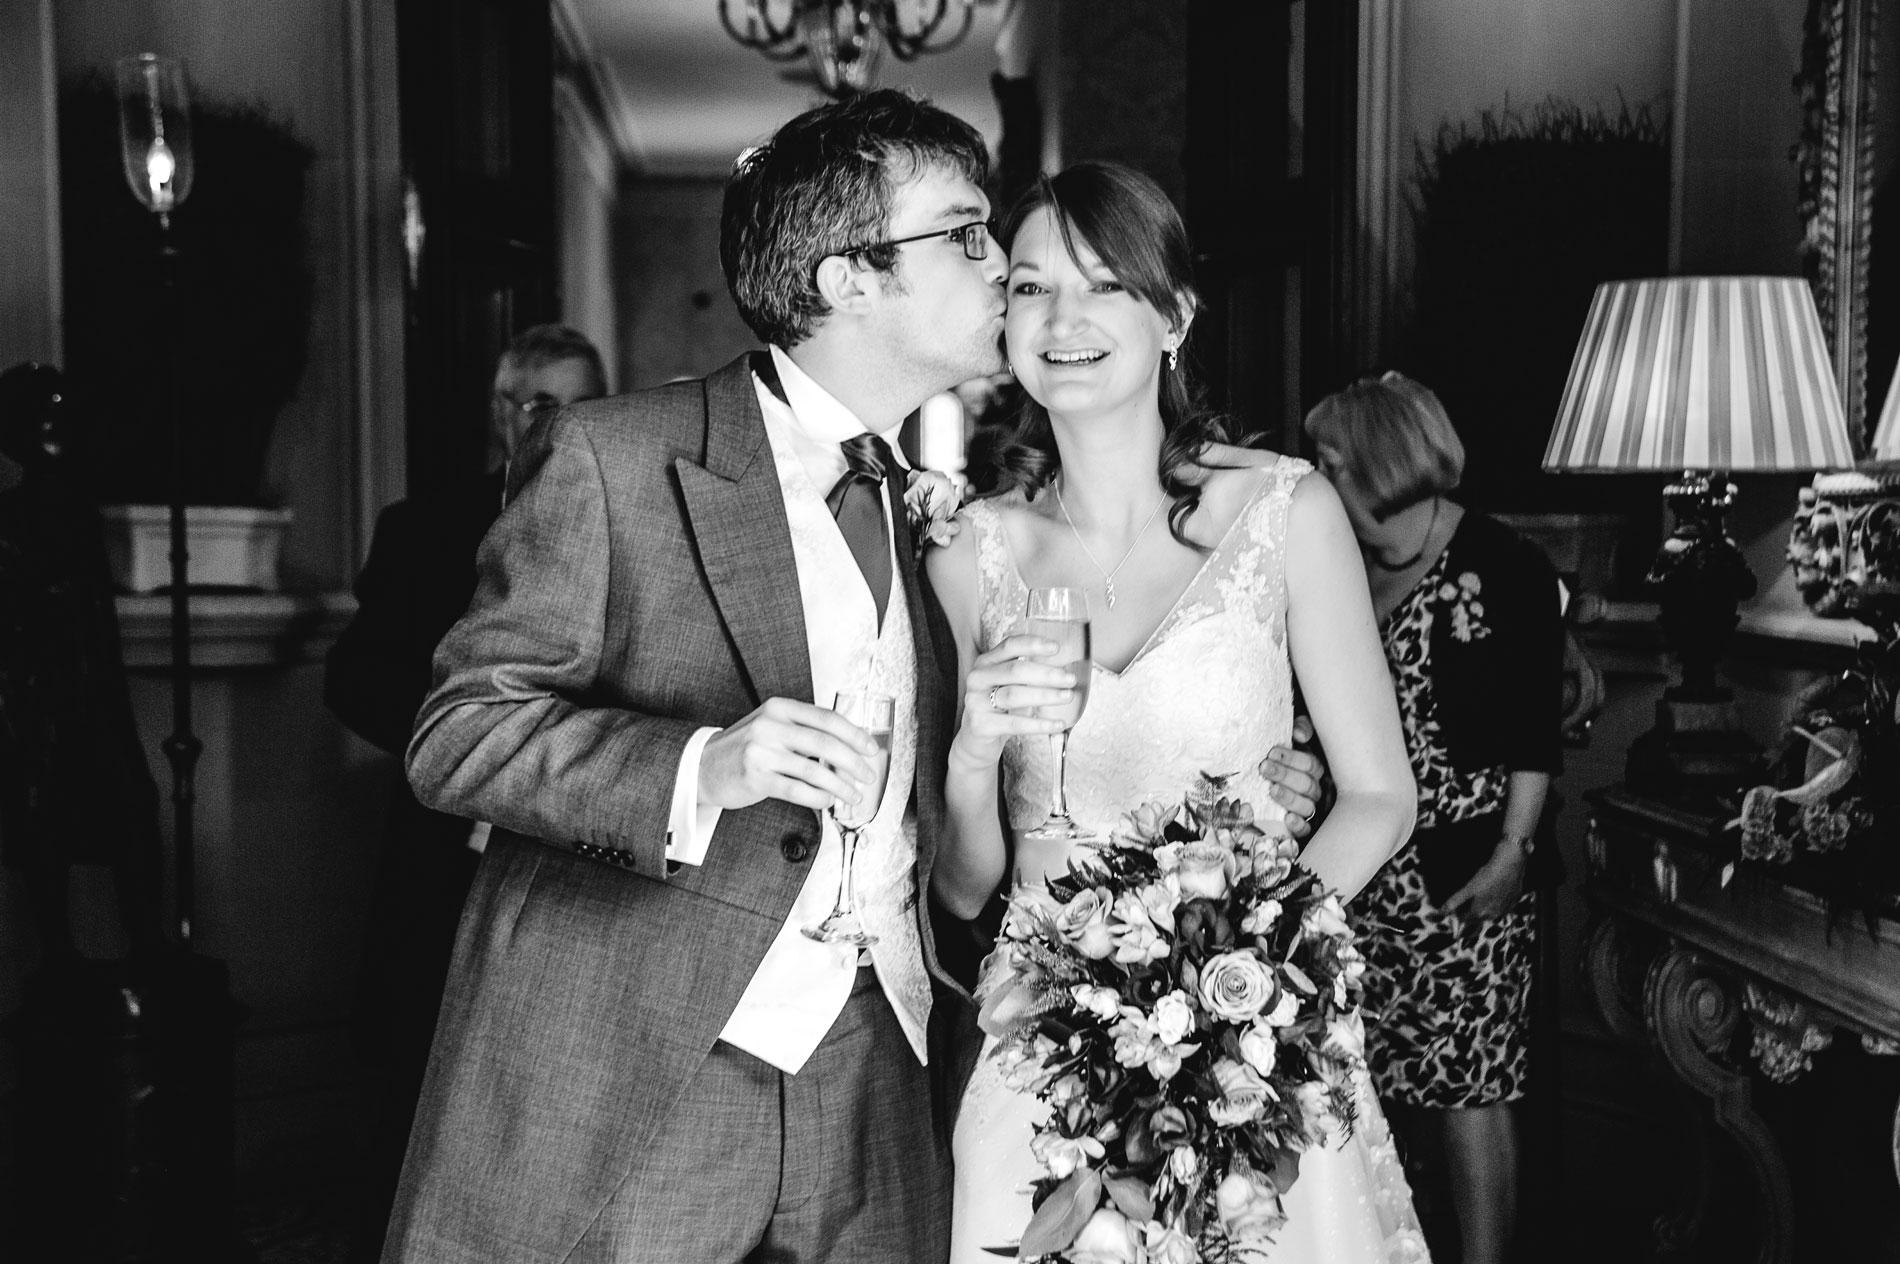 Kilworth-weddings-_30.jpg